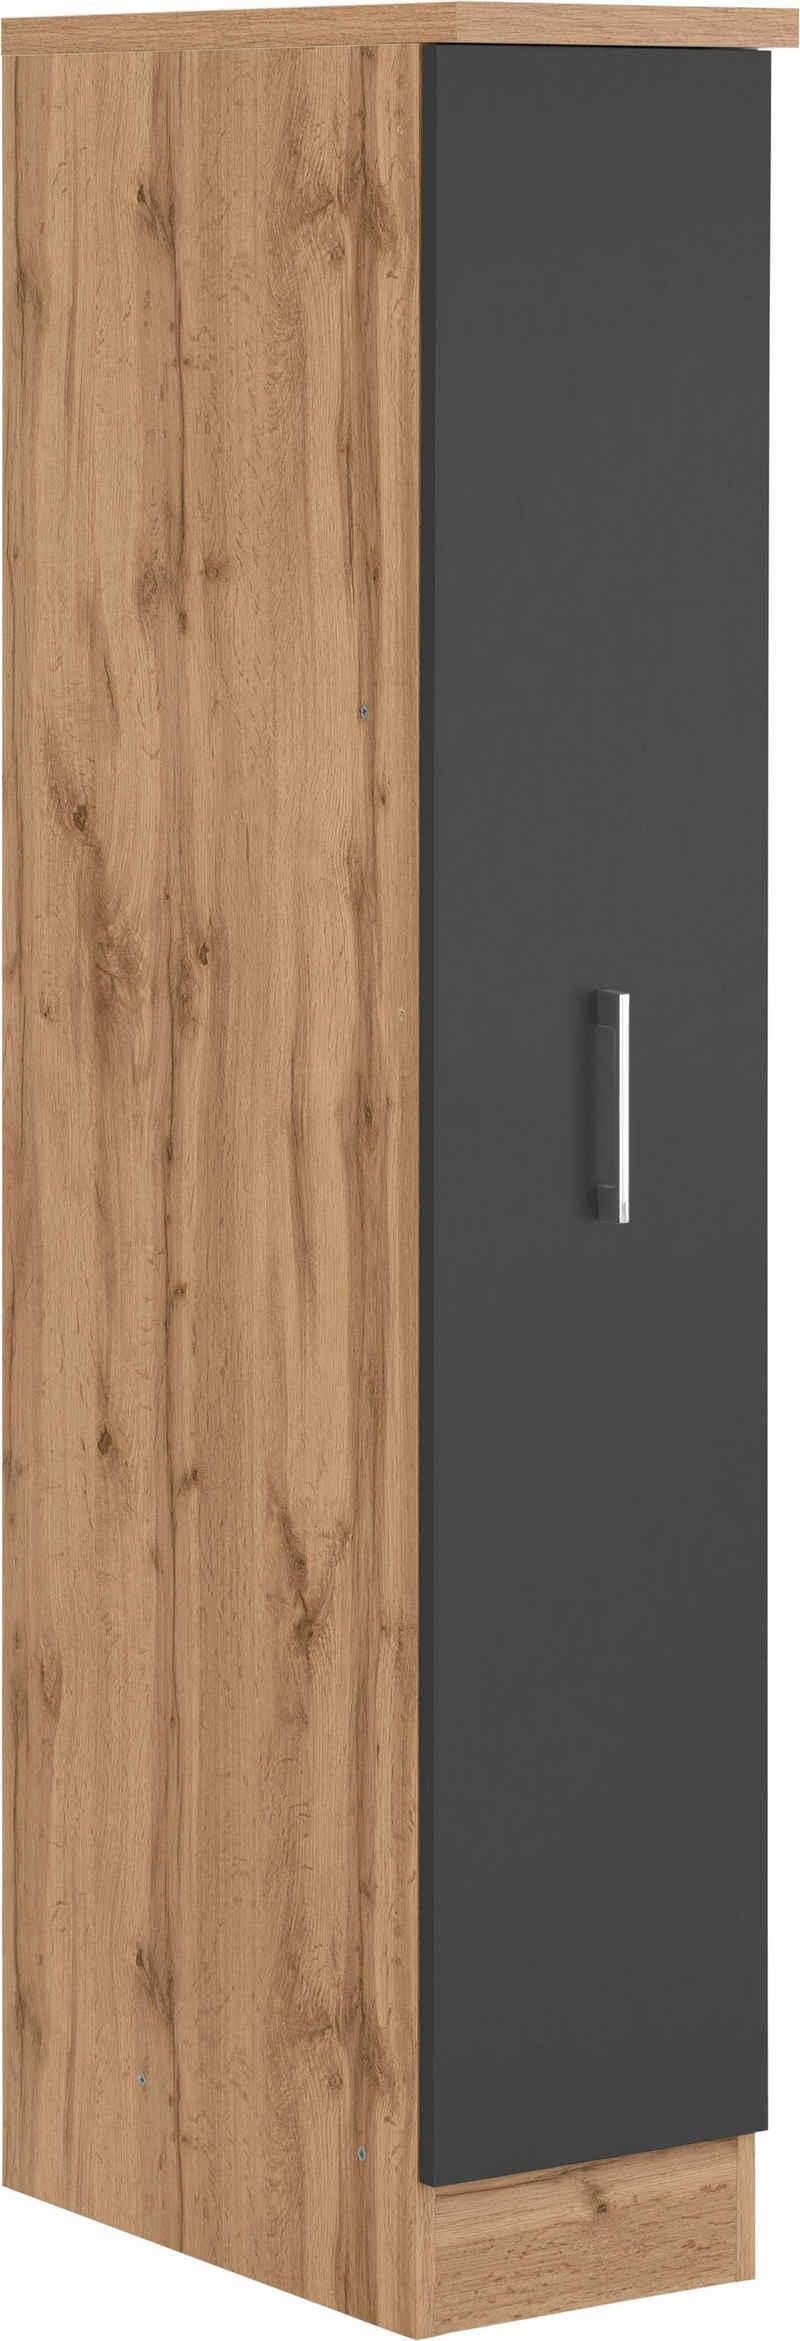 HELD MÖBEL Apothekerschrank »Colmar« 30 cm breit, 165 cm hoch, mit 3 Ablagen, mit Metallgriff